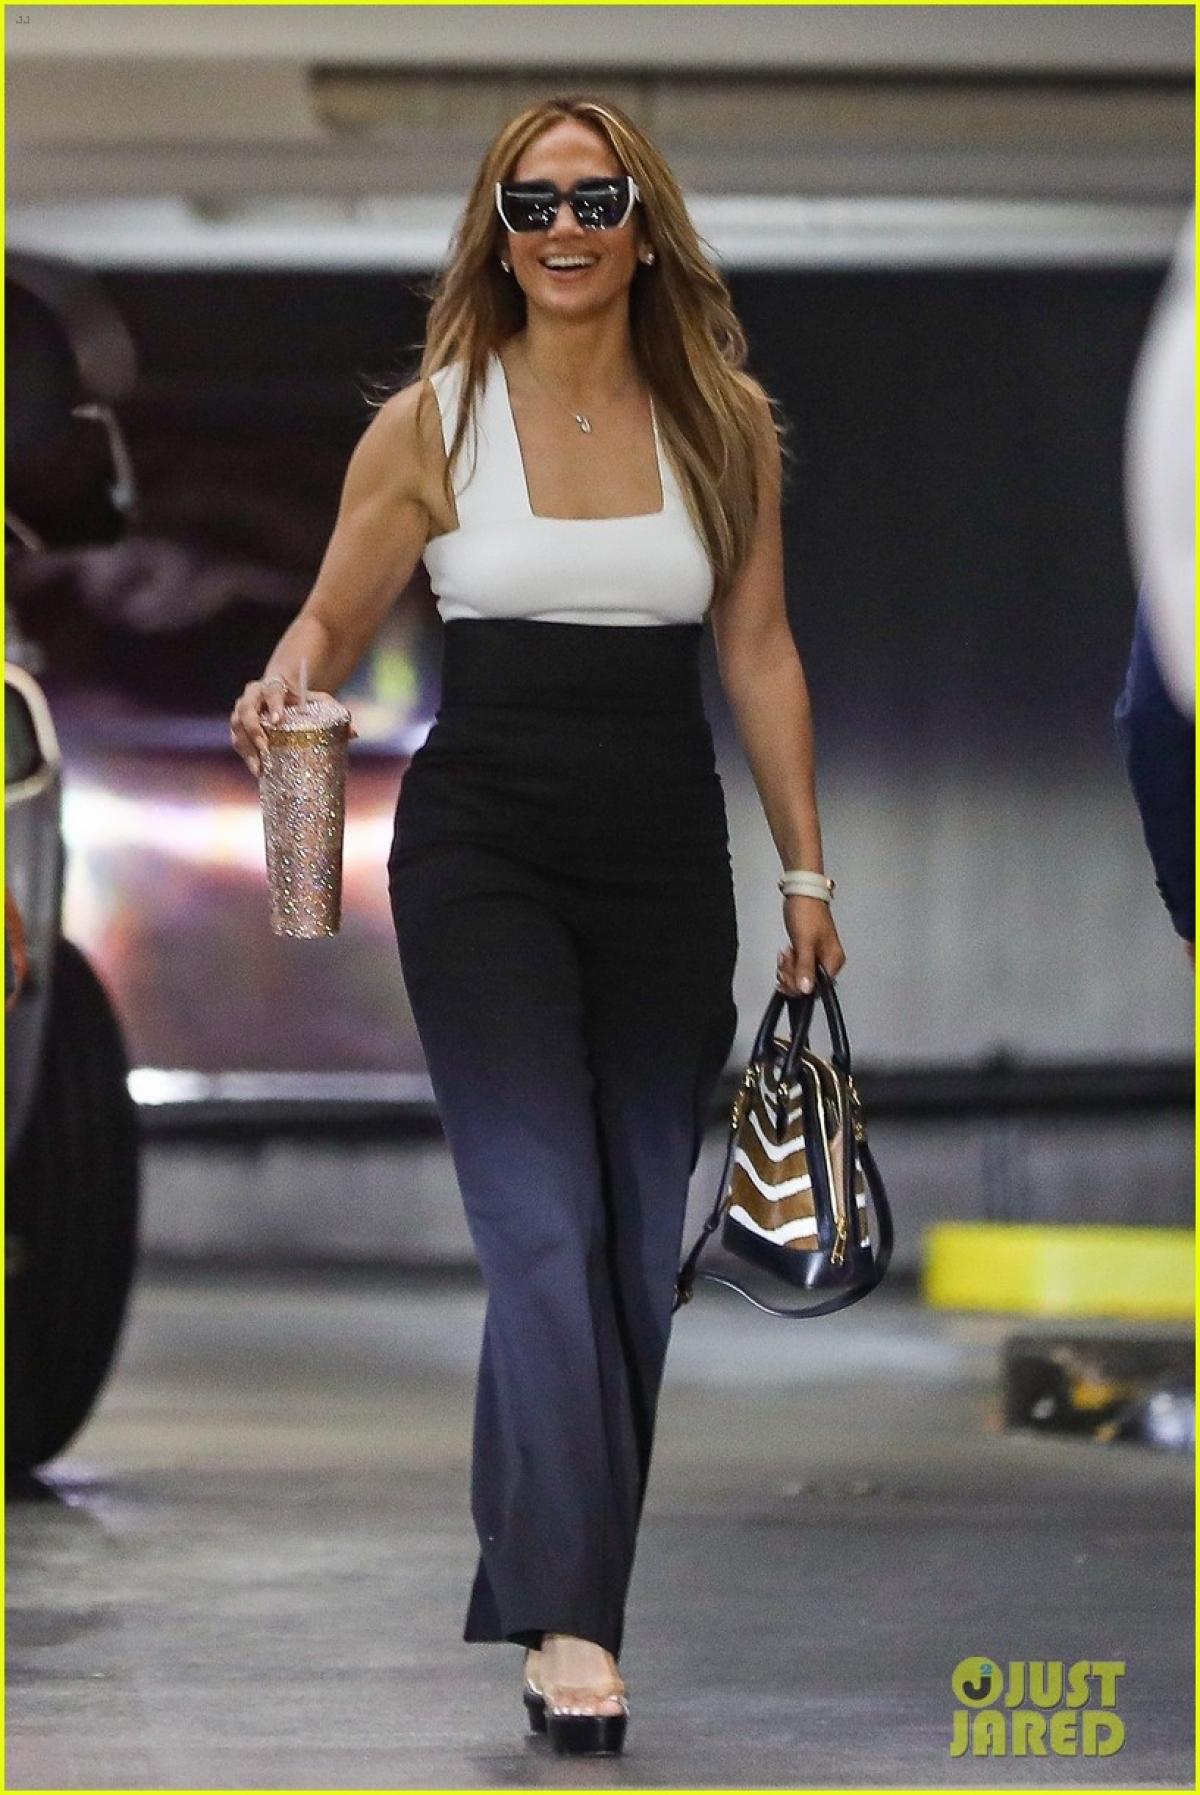 Jennifer Lopez đến văn phòng tham dự một cuộc họp kinh doanh ở California.